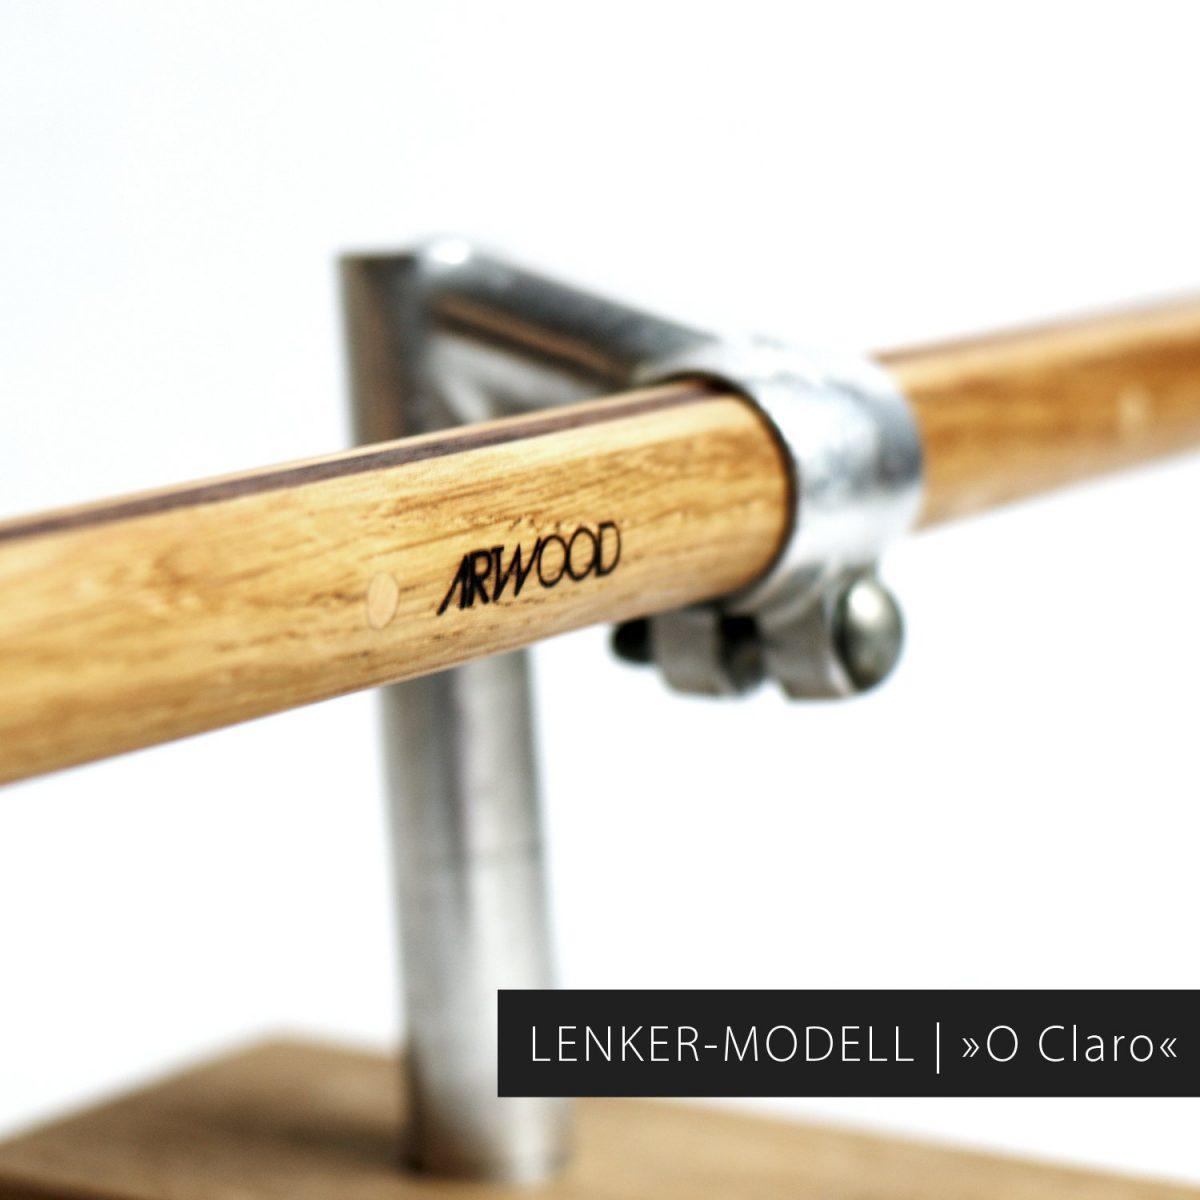 Holz Fahrradlenker gerade Form »Konstantin« für dein Fixie-Bike von Art-WooD